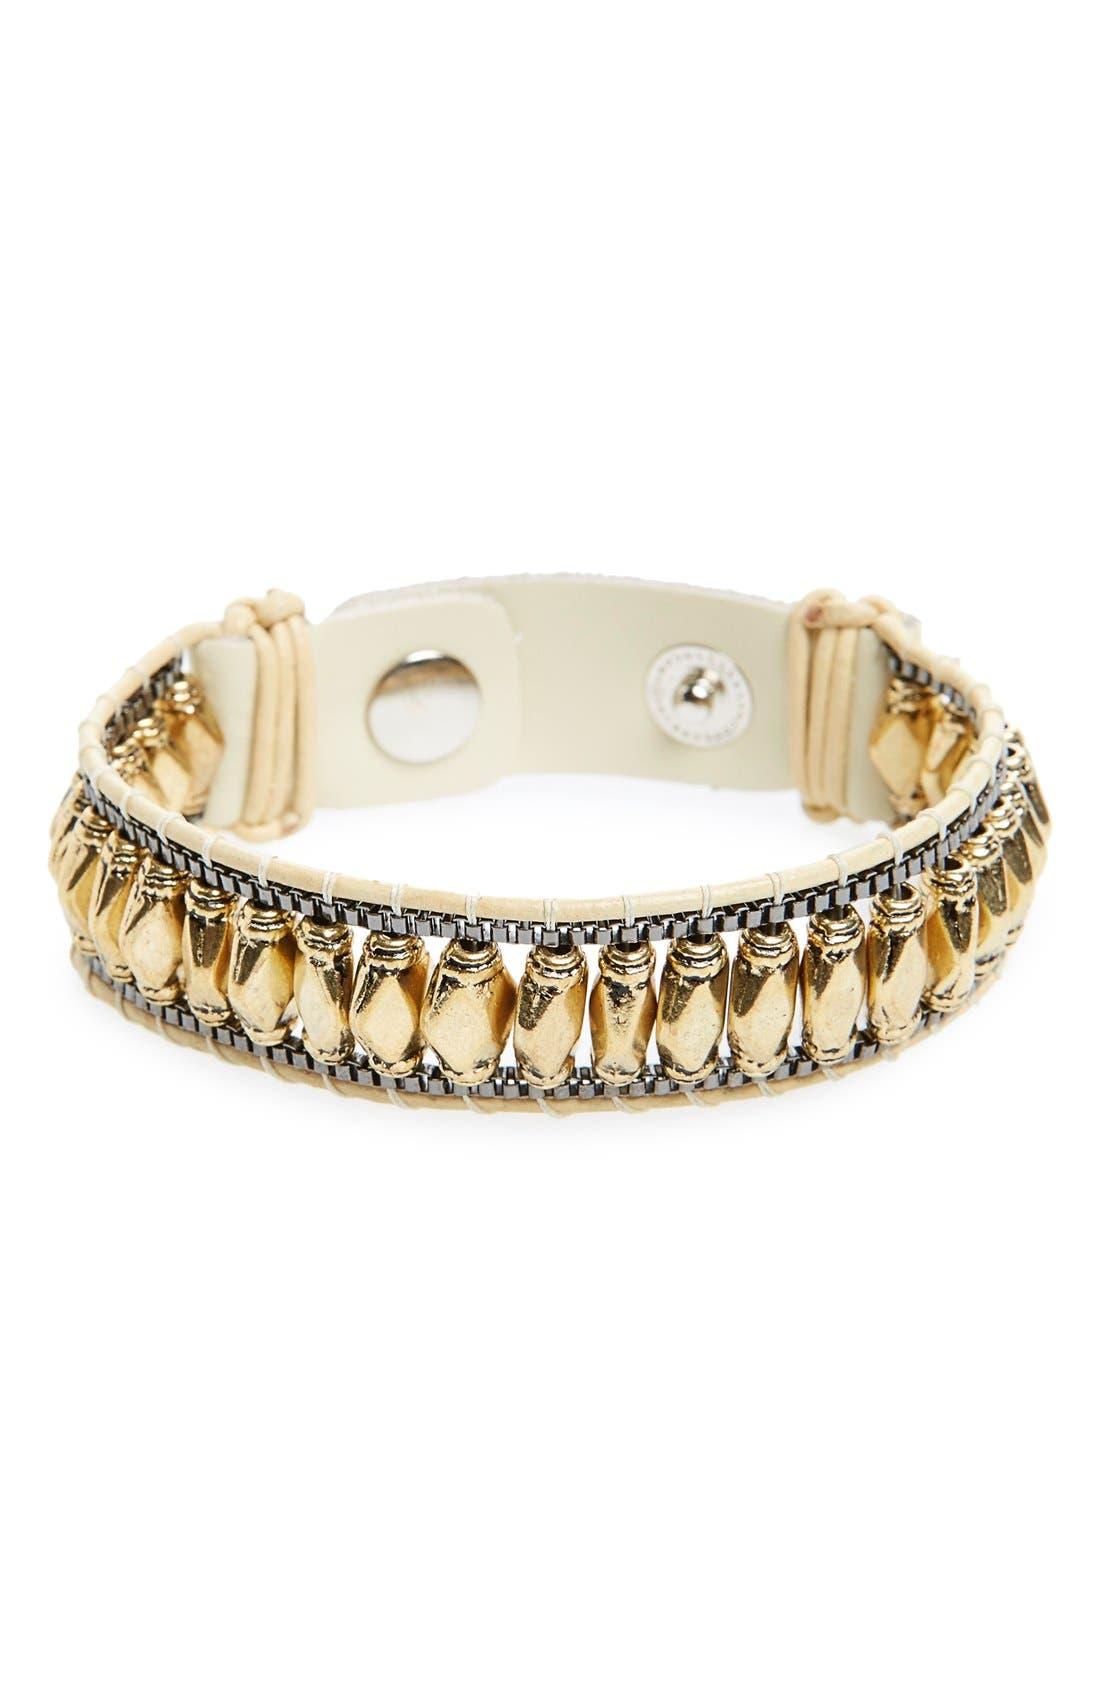 Main Image - Nakamol Design Leather Bracelet